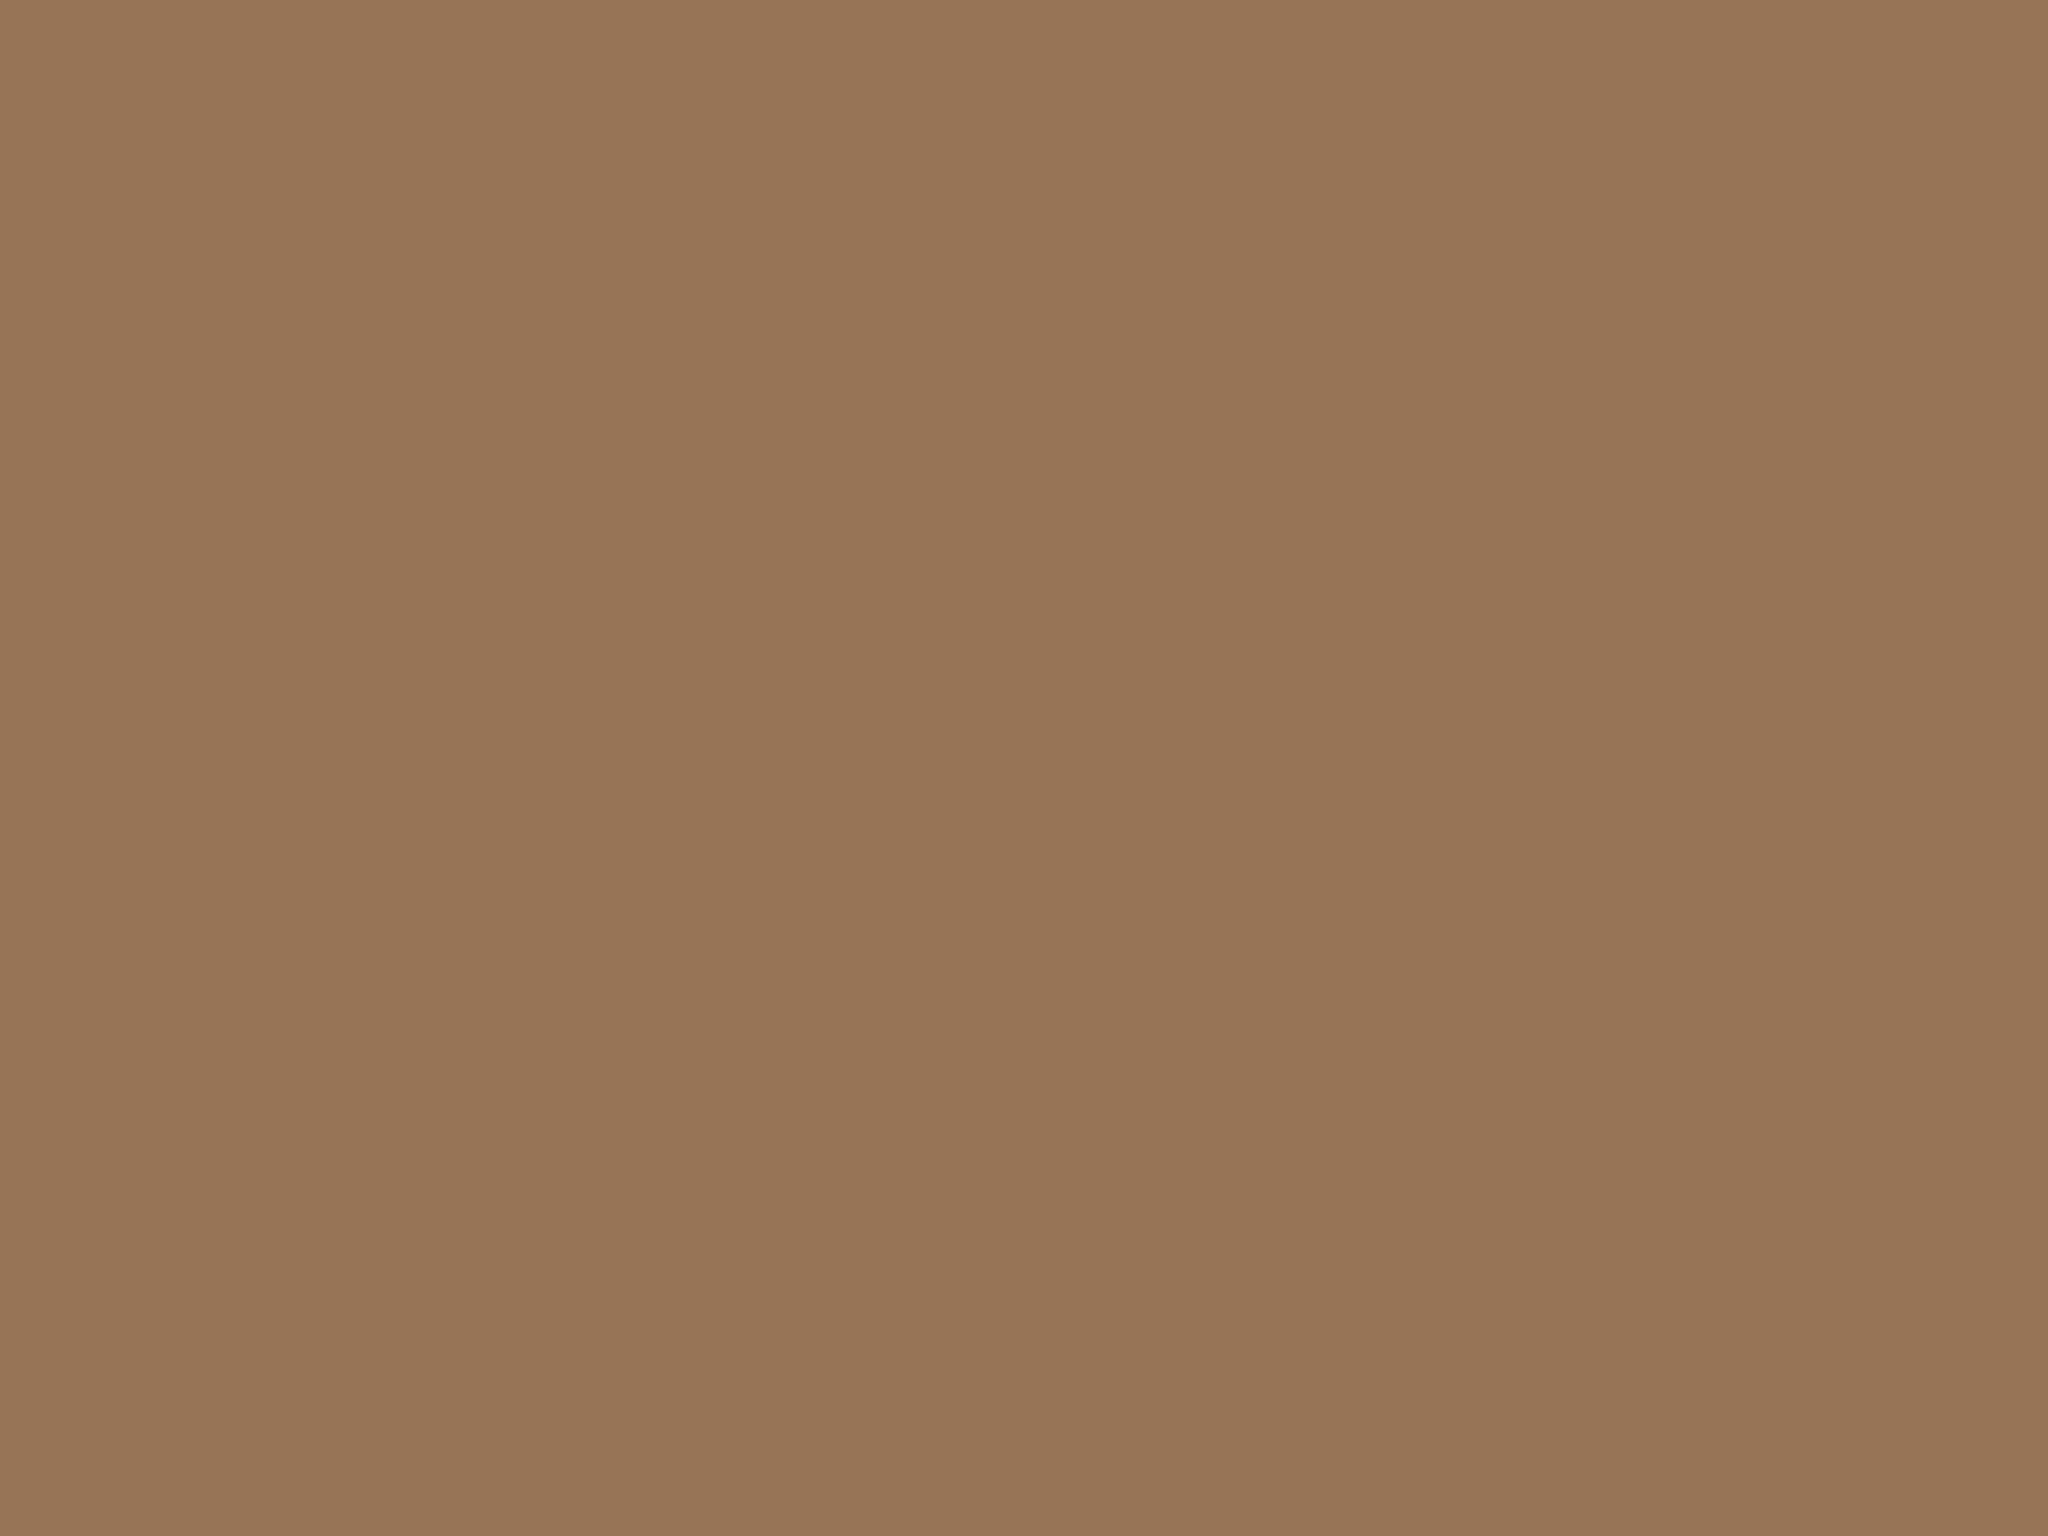 2048x1536 Liver Chestnut Solid Color Background